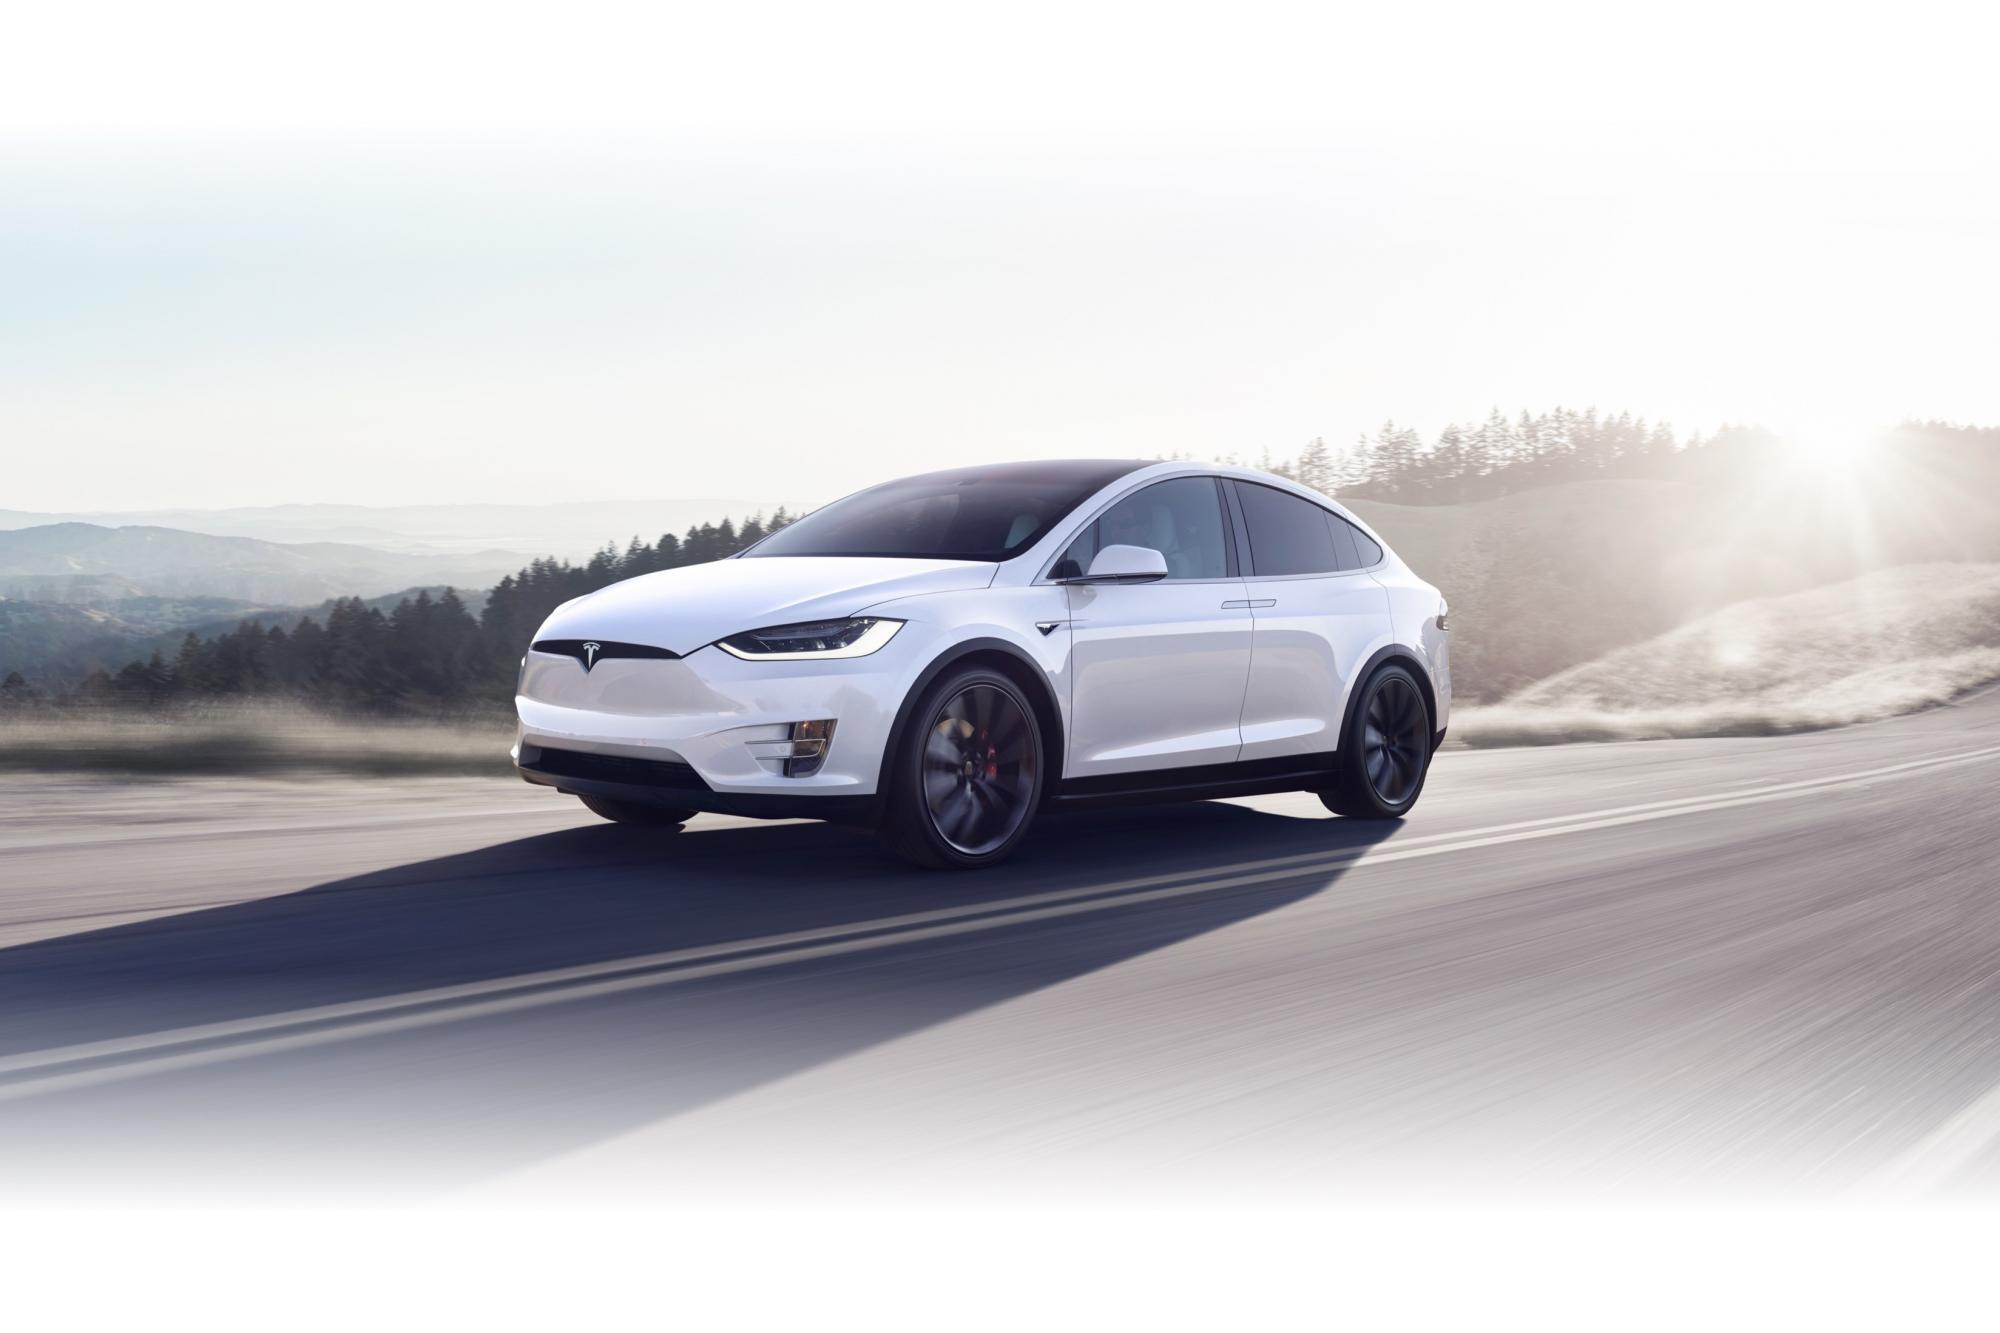 Η Tesla επεκτείνεται στην Ελλάδα